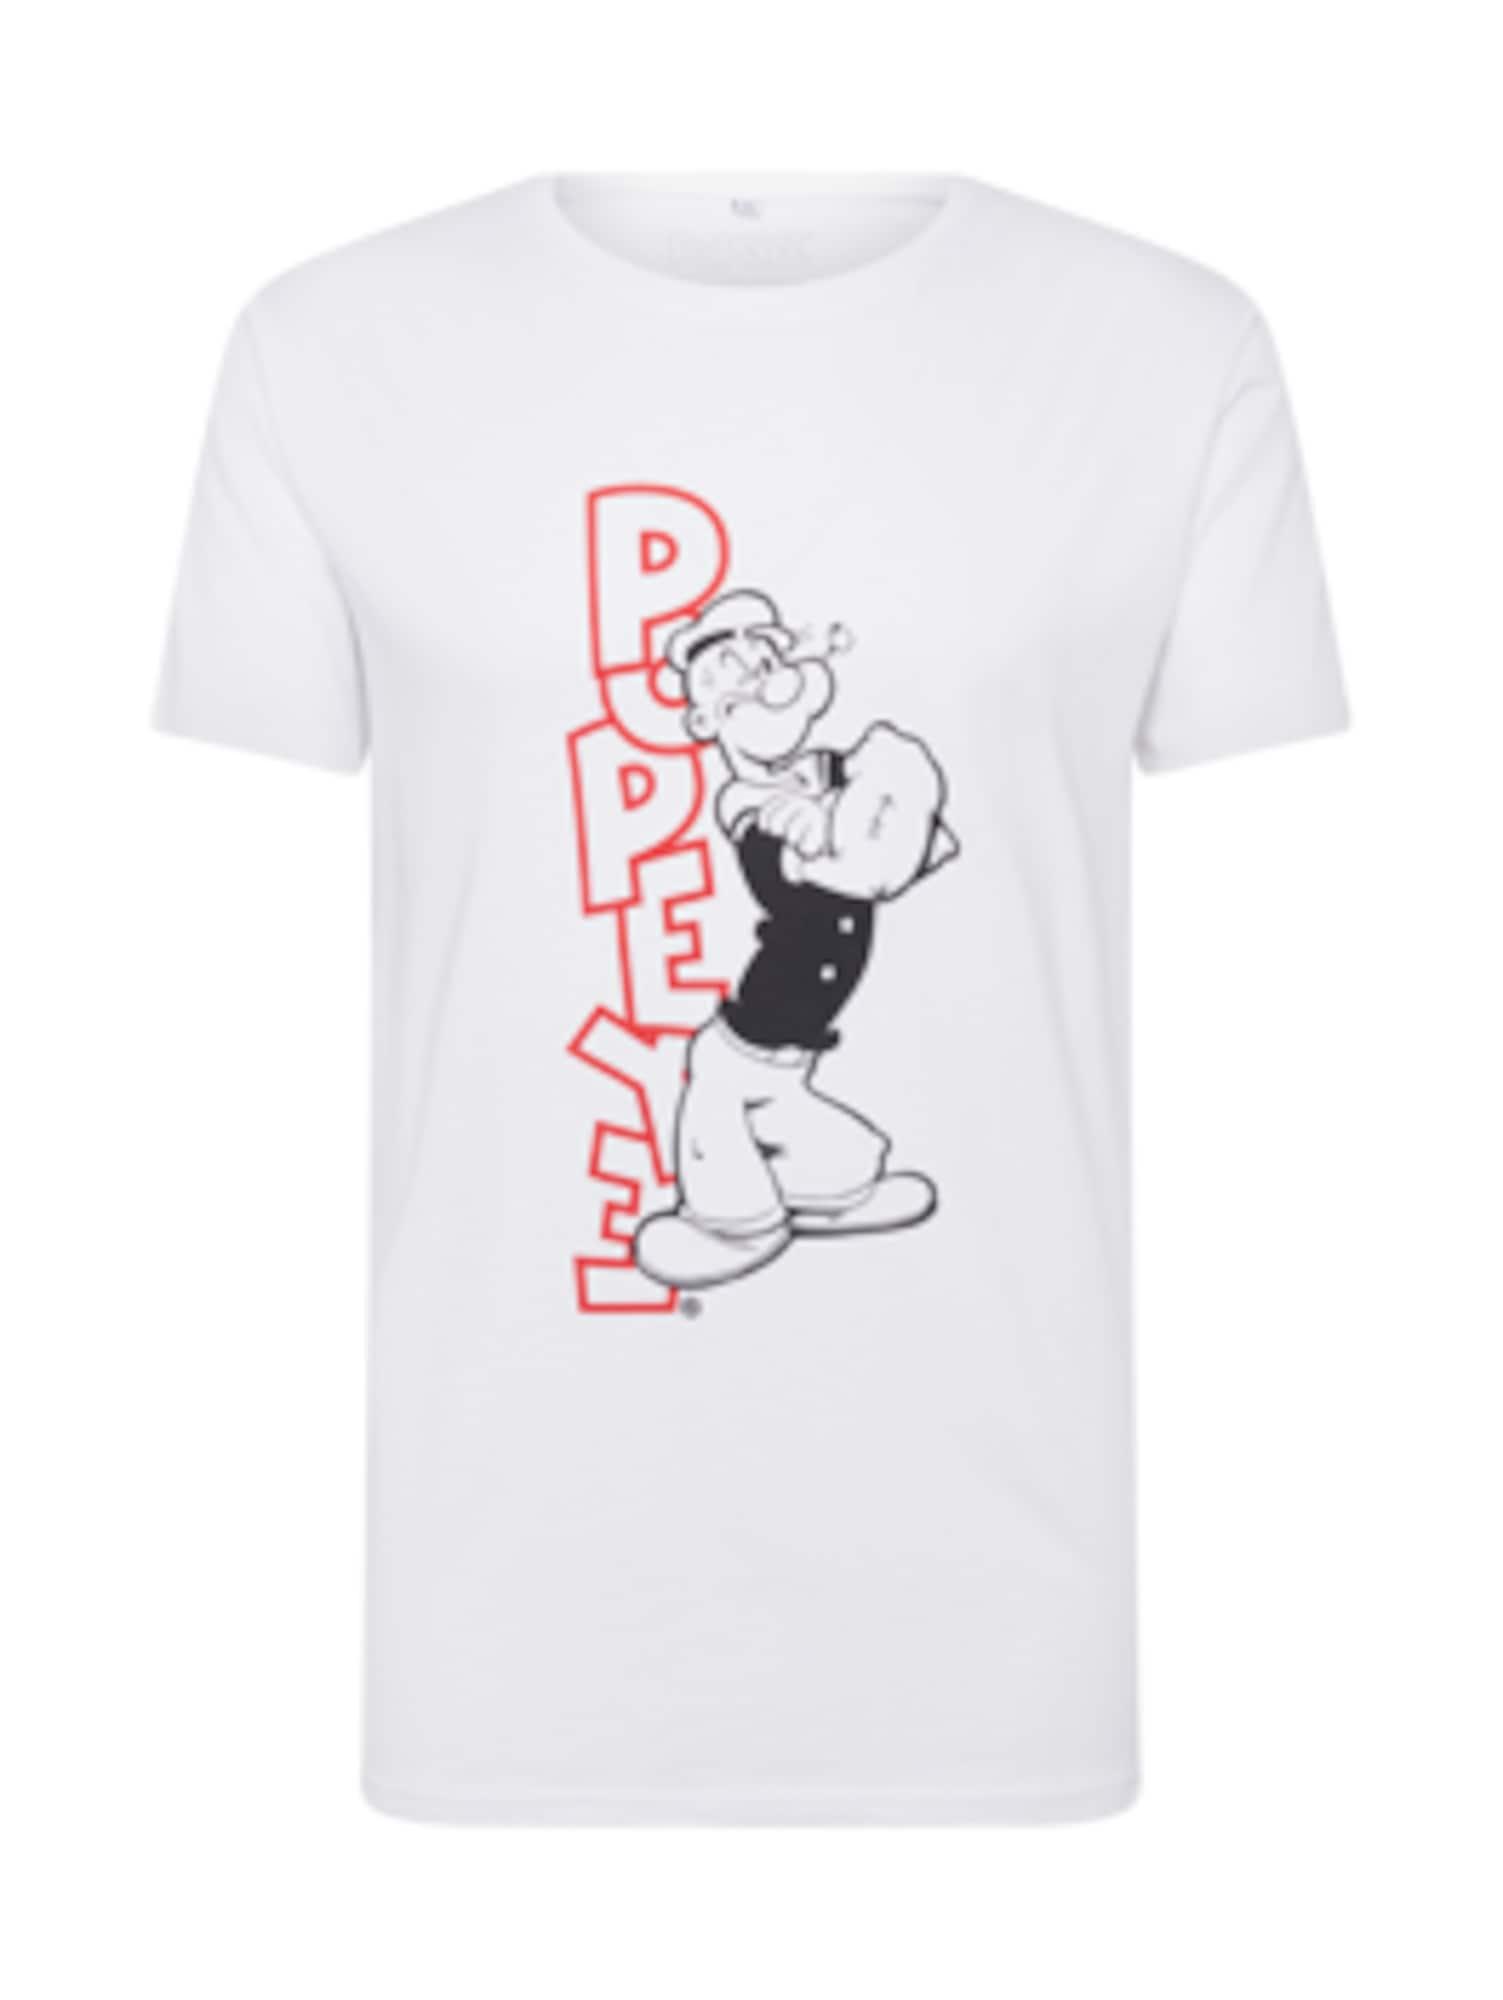 Tričko Popeye Standing červená černá bílá Mister Tee